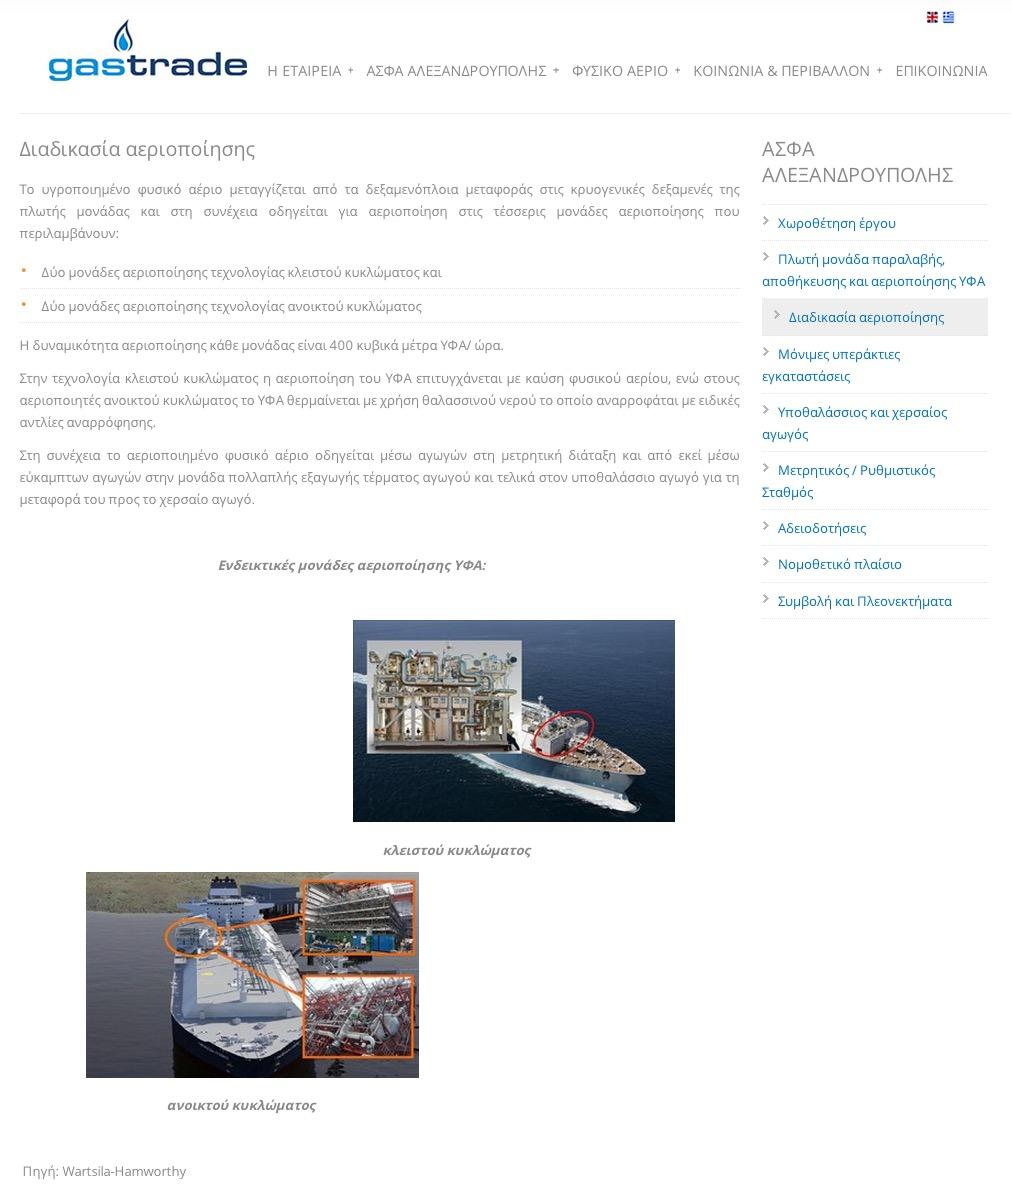 Διαδικασία αεριοποίησης ΑΣΦΑ Αλεξανδρούπολης (από την ιστοσελίδα της Gastrade Α.Ε.)